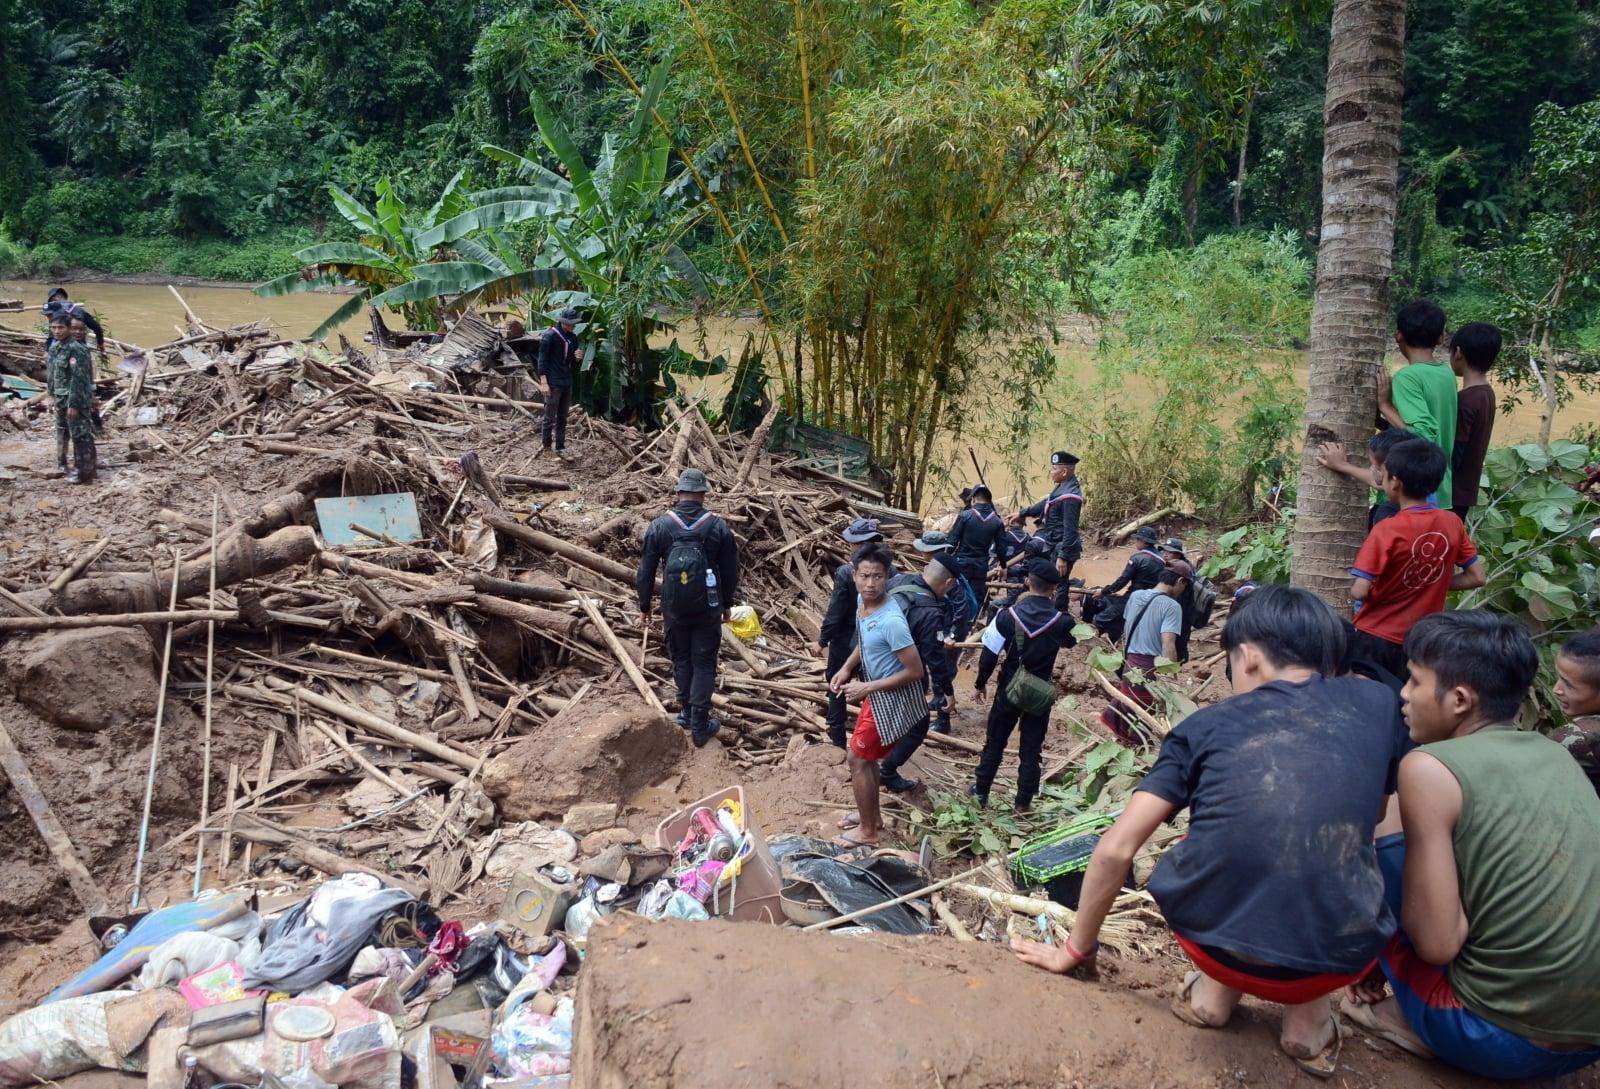 Zniszczenia po osunięciu się ziemi w obozie dla uchodźców Mae La Oon w Sob Moei, w Tajlandii, fot. EPA/STR